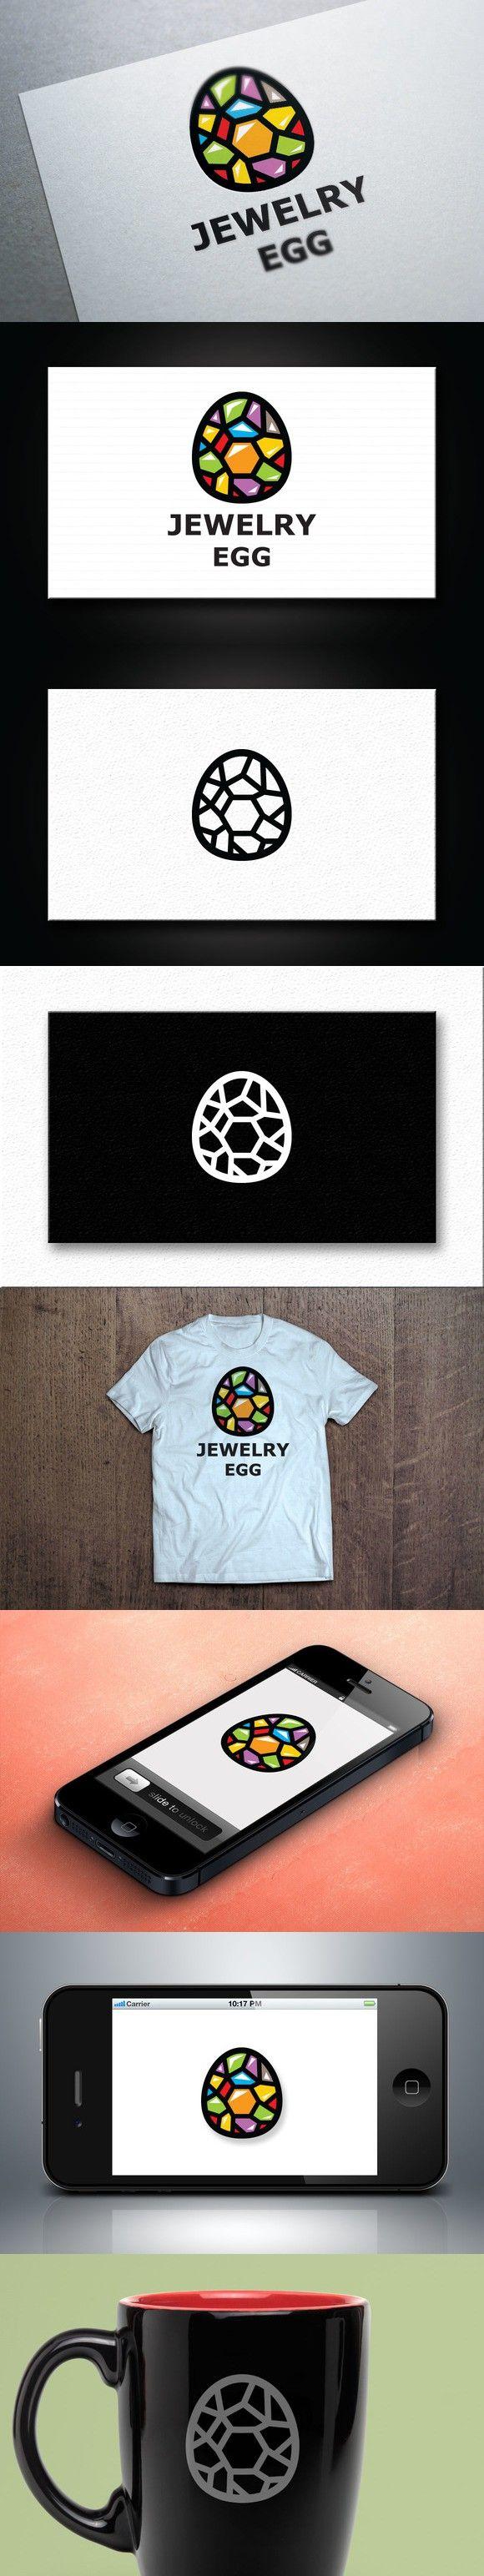 Diamond Egg Logo Template. Logo Templates. $29.00